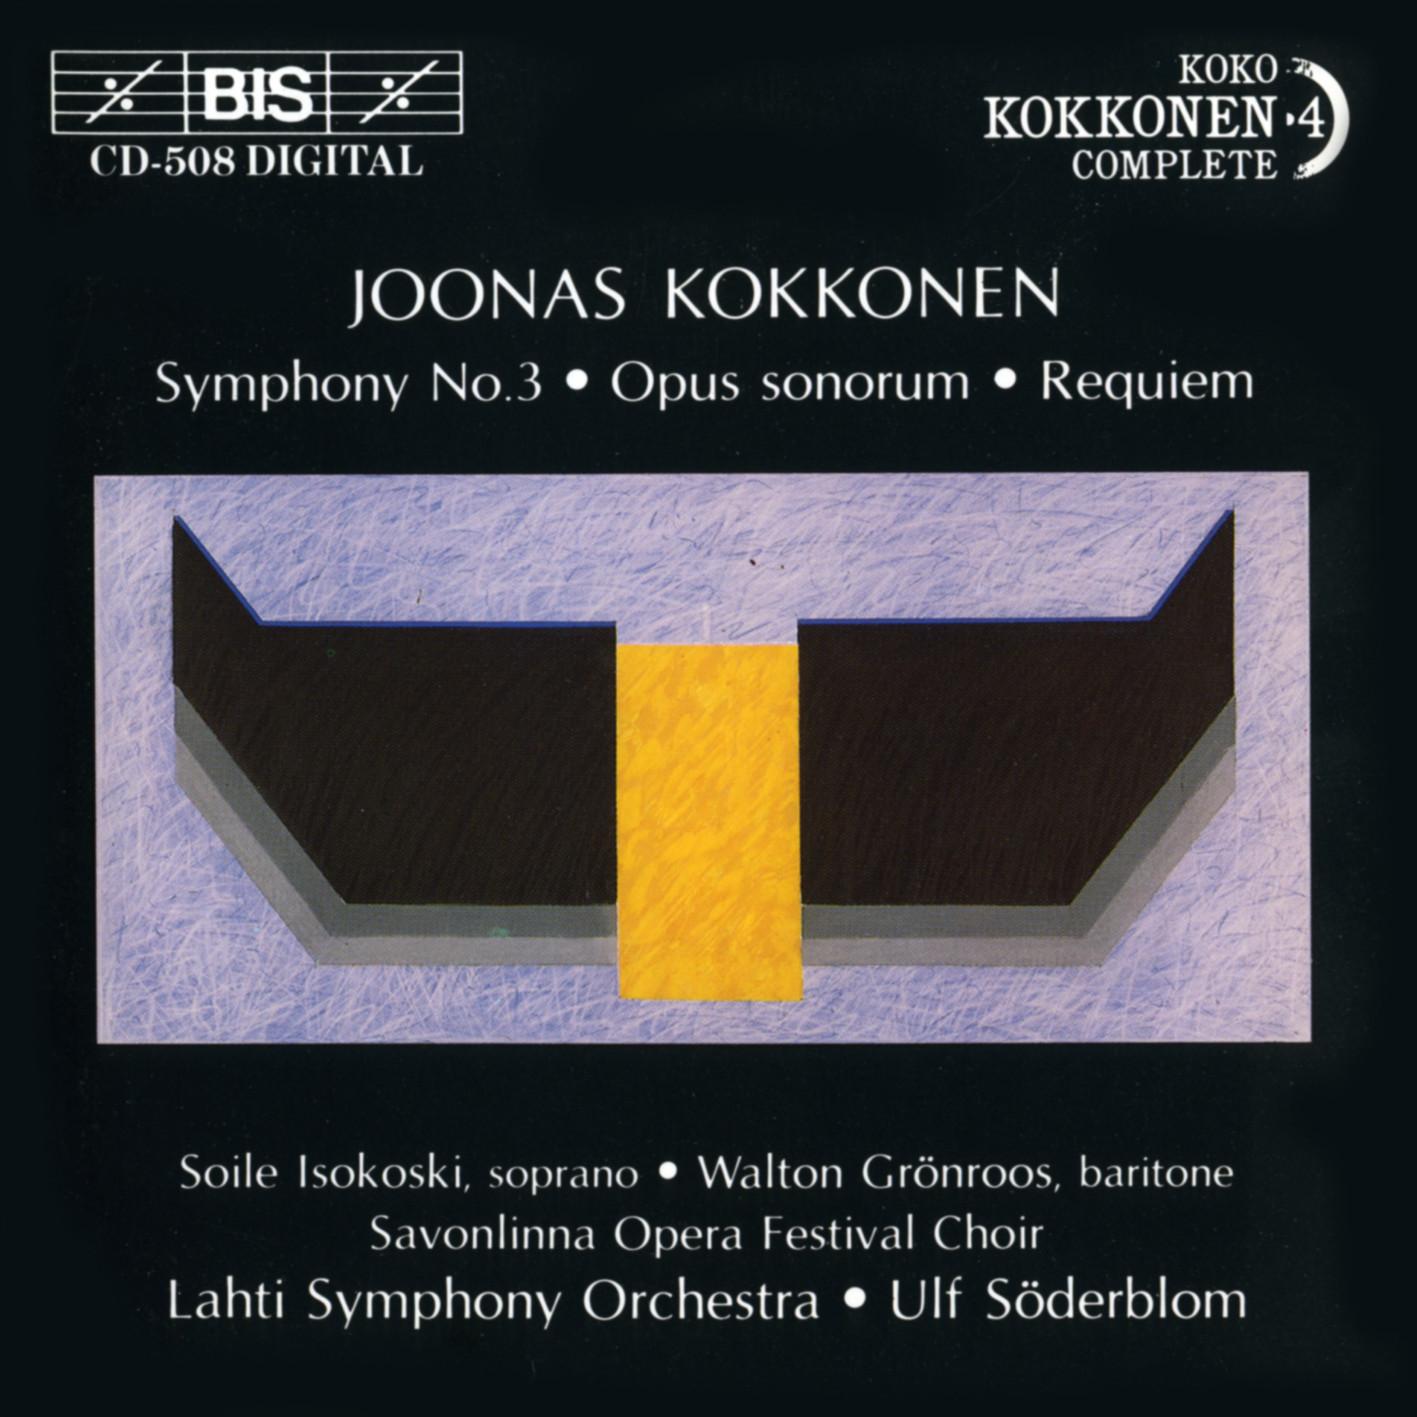 Joonas Kokkonen IV